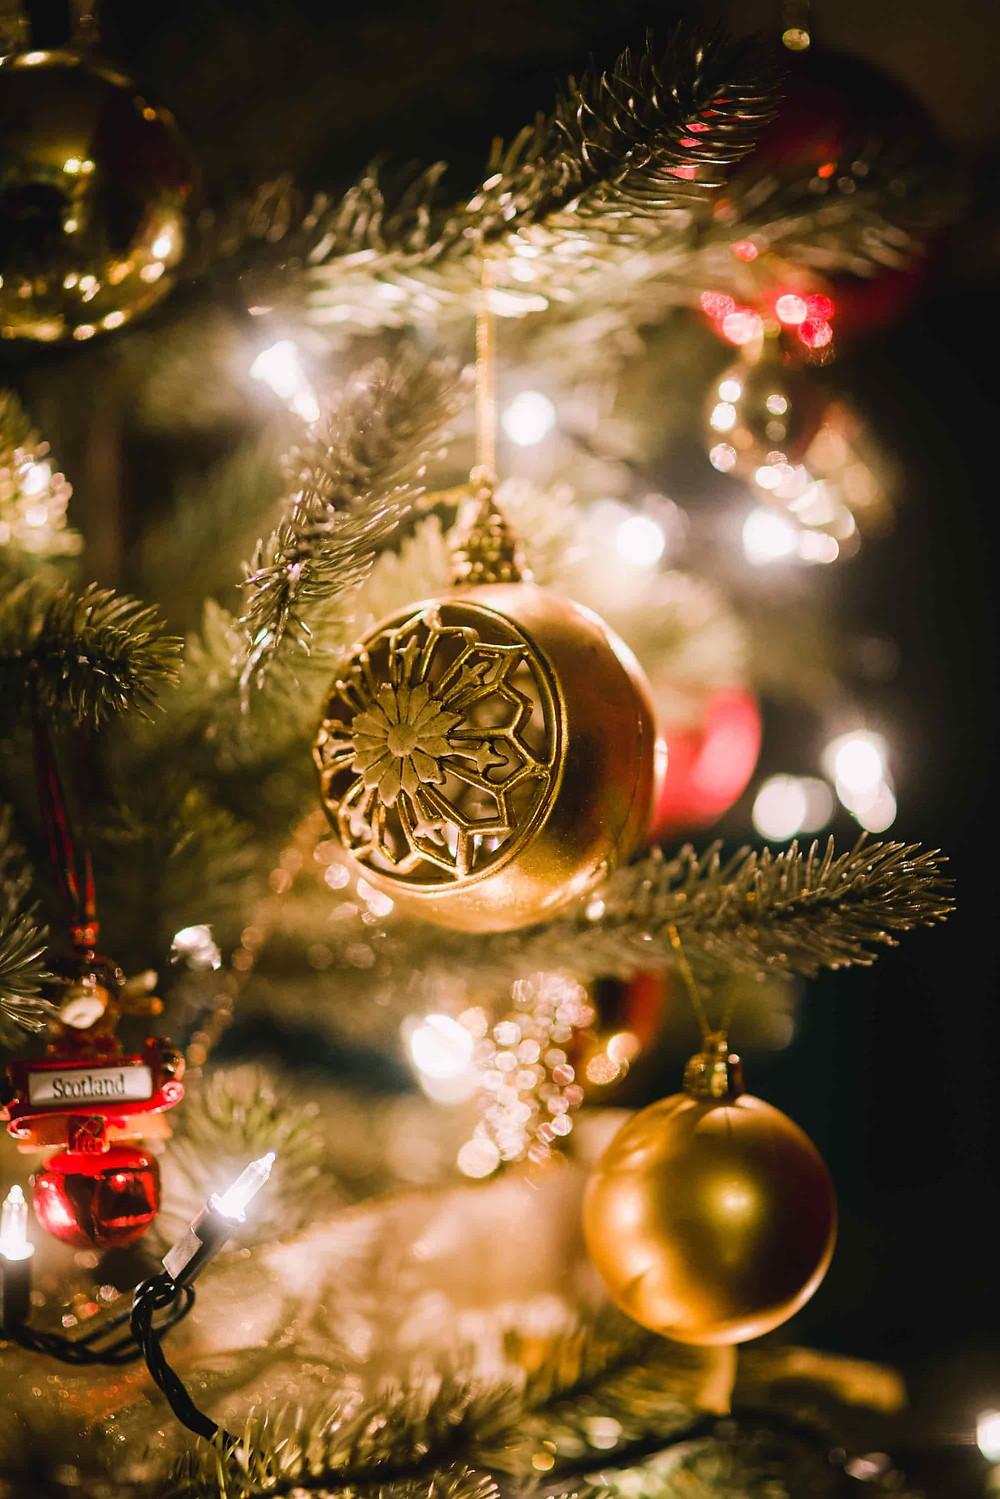 銀食器ブランドのクリスマスオーナメント